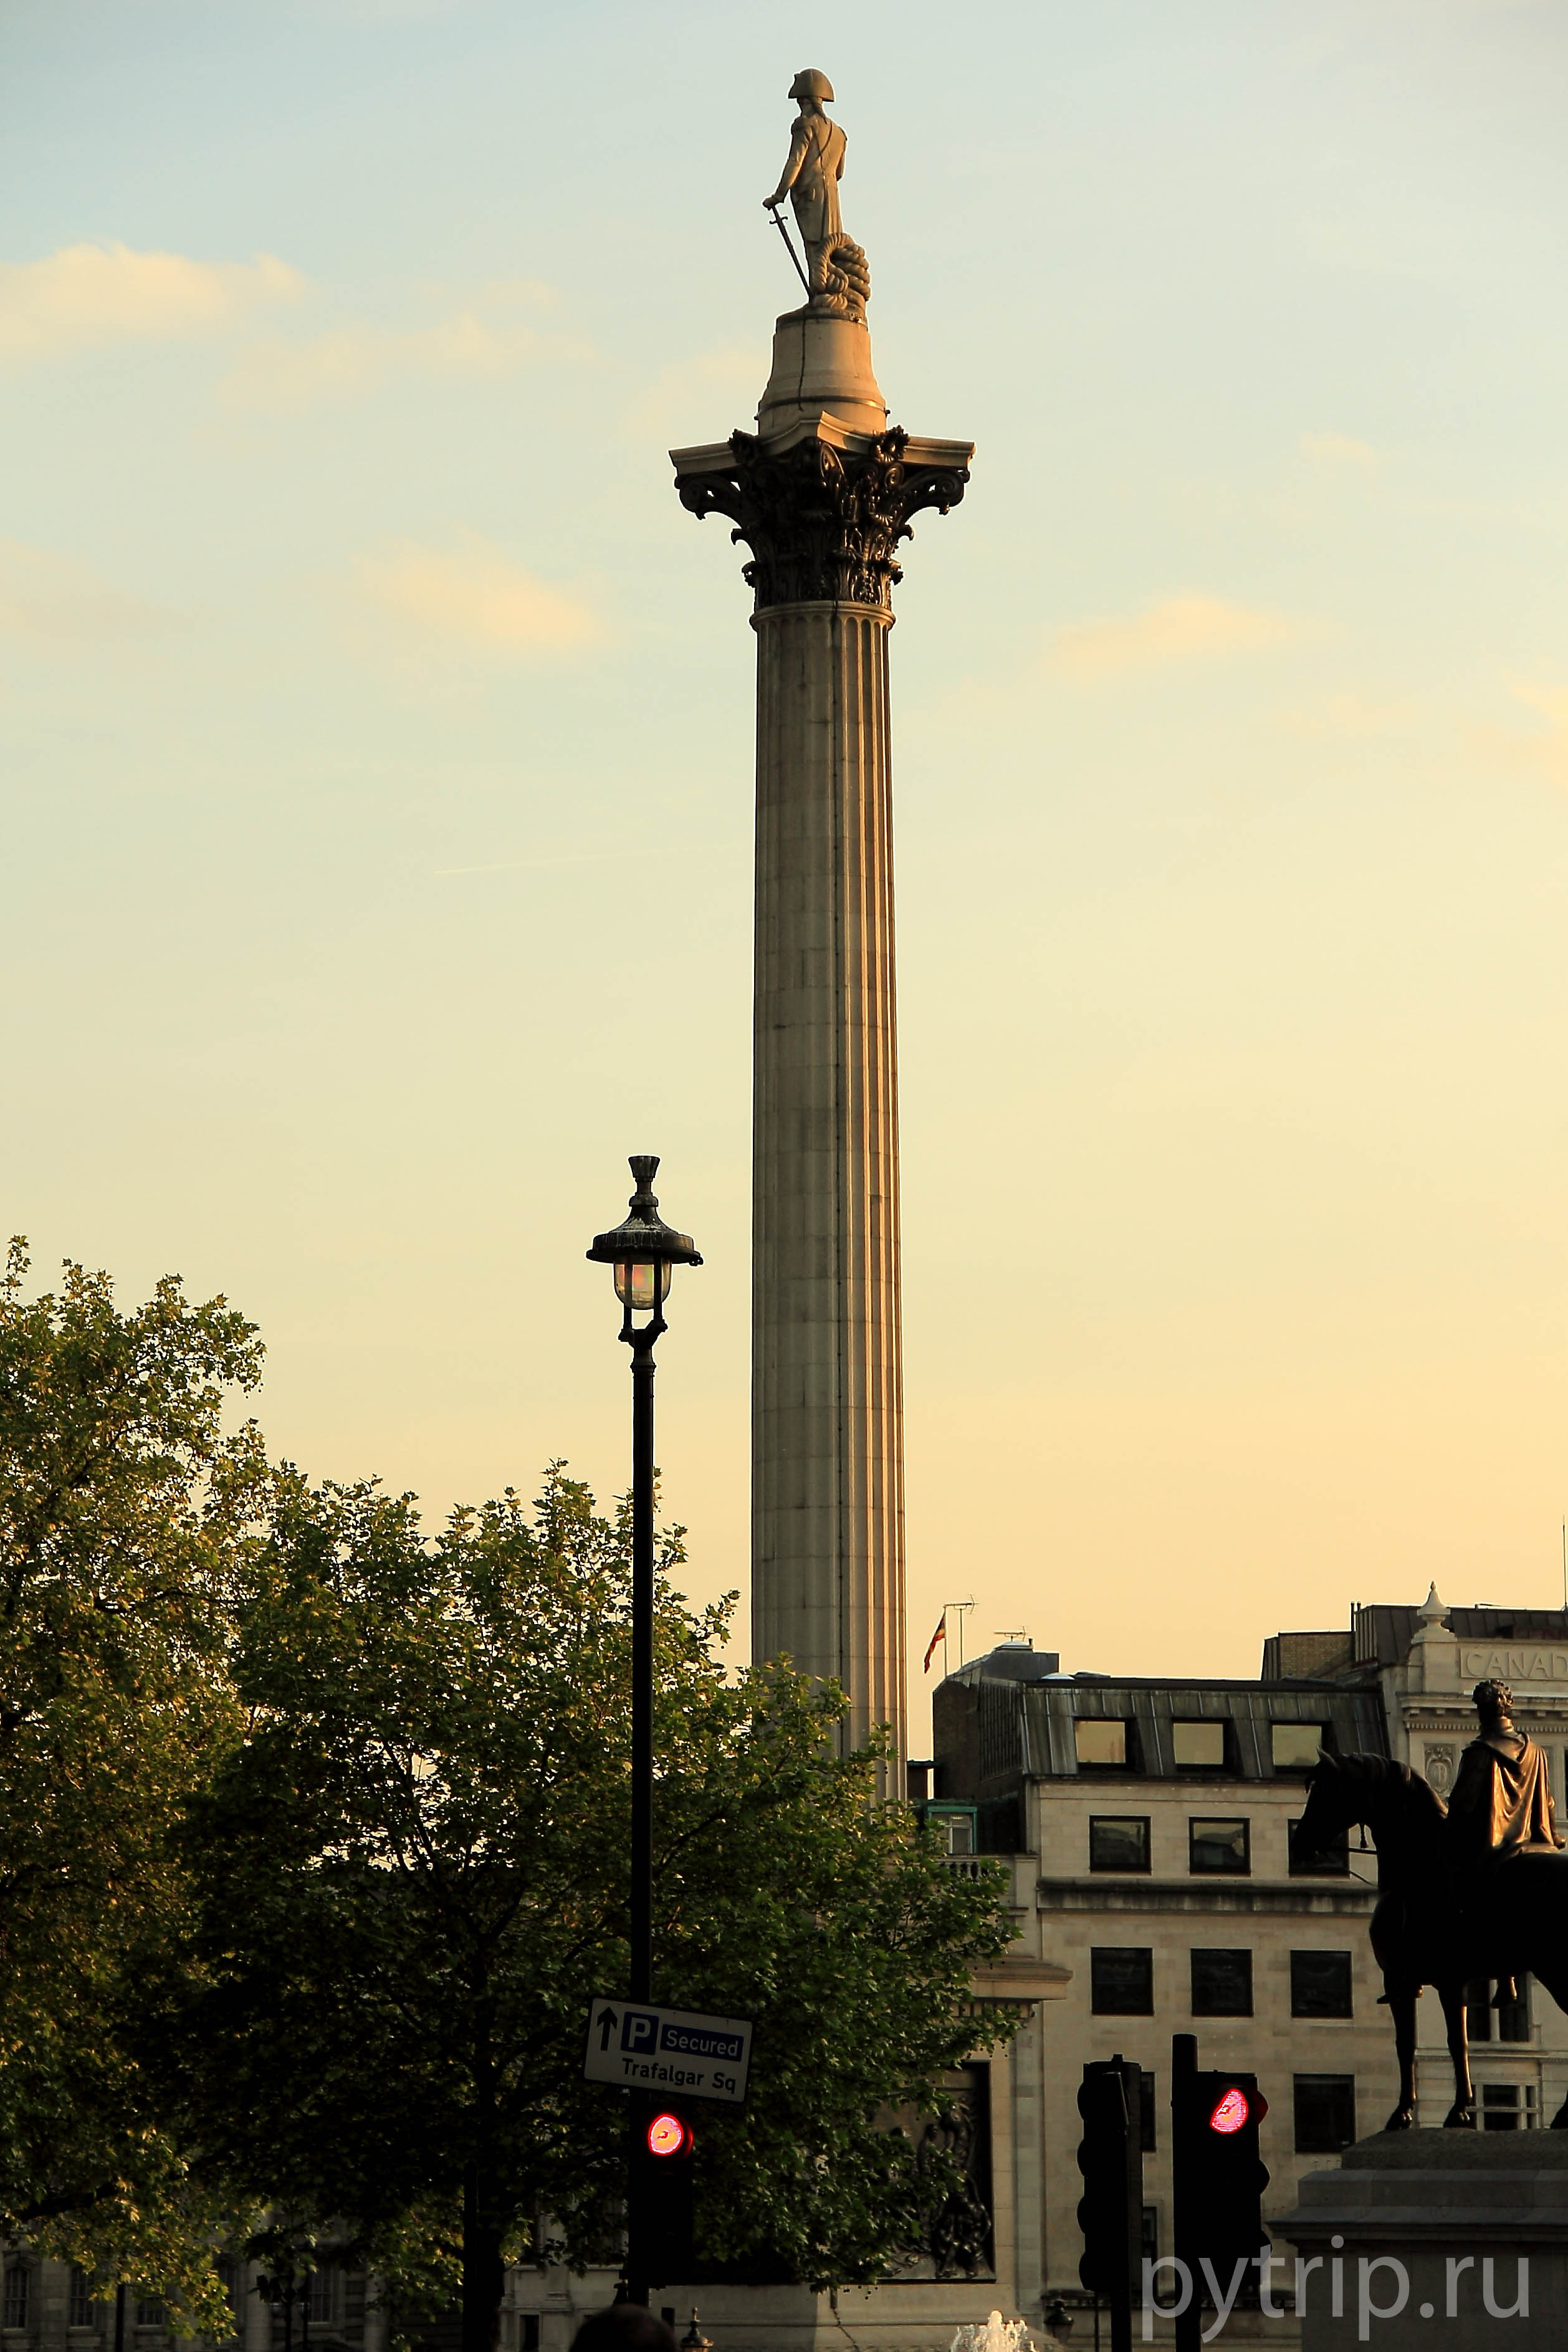 Колонна Нельсона и памятник Карлу I